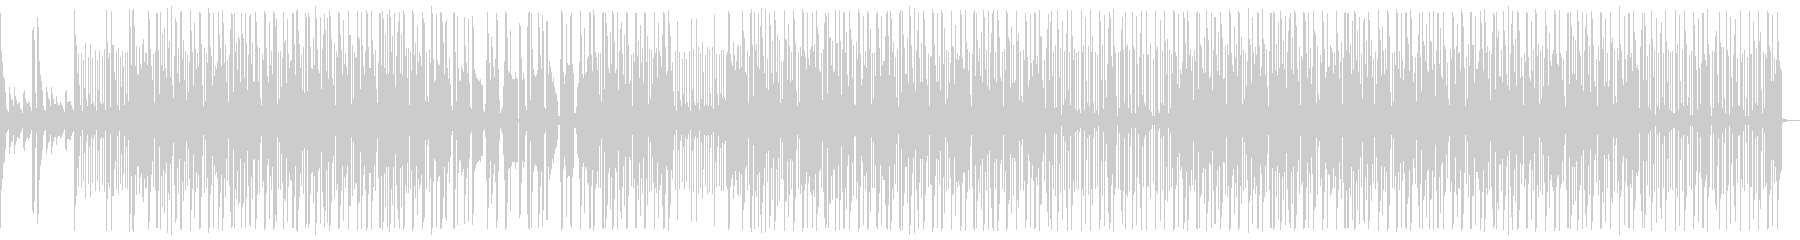 ダーク、ピアノ、ヒップホップ、トラップの未再生の波形